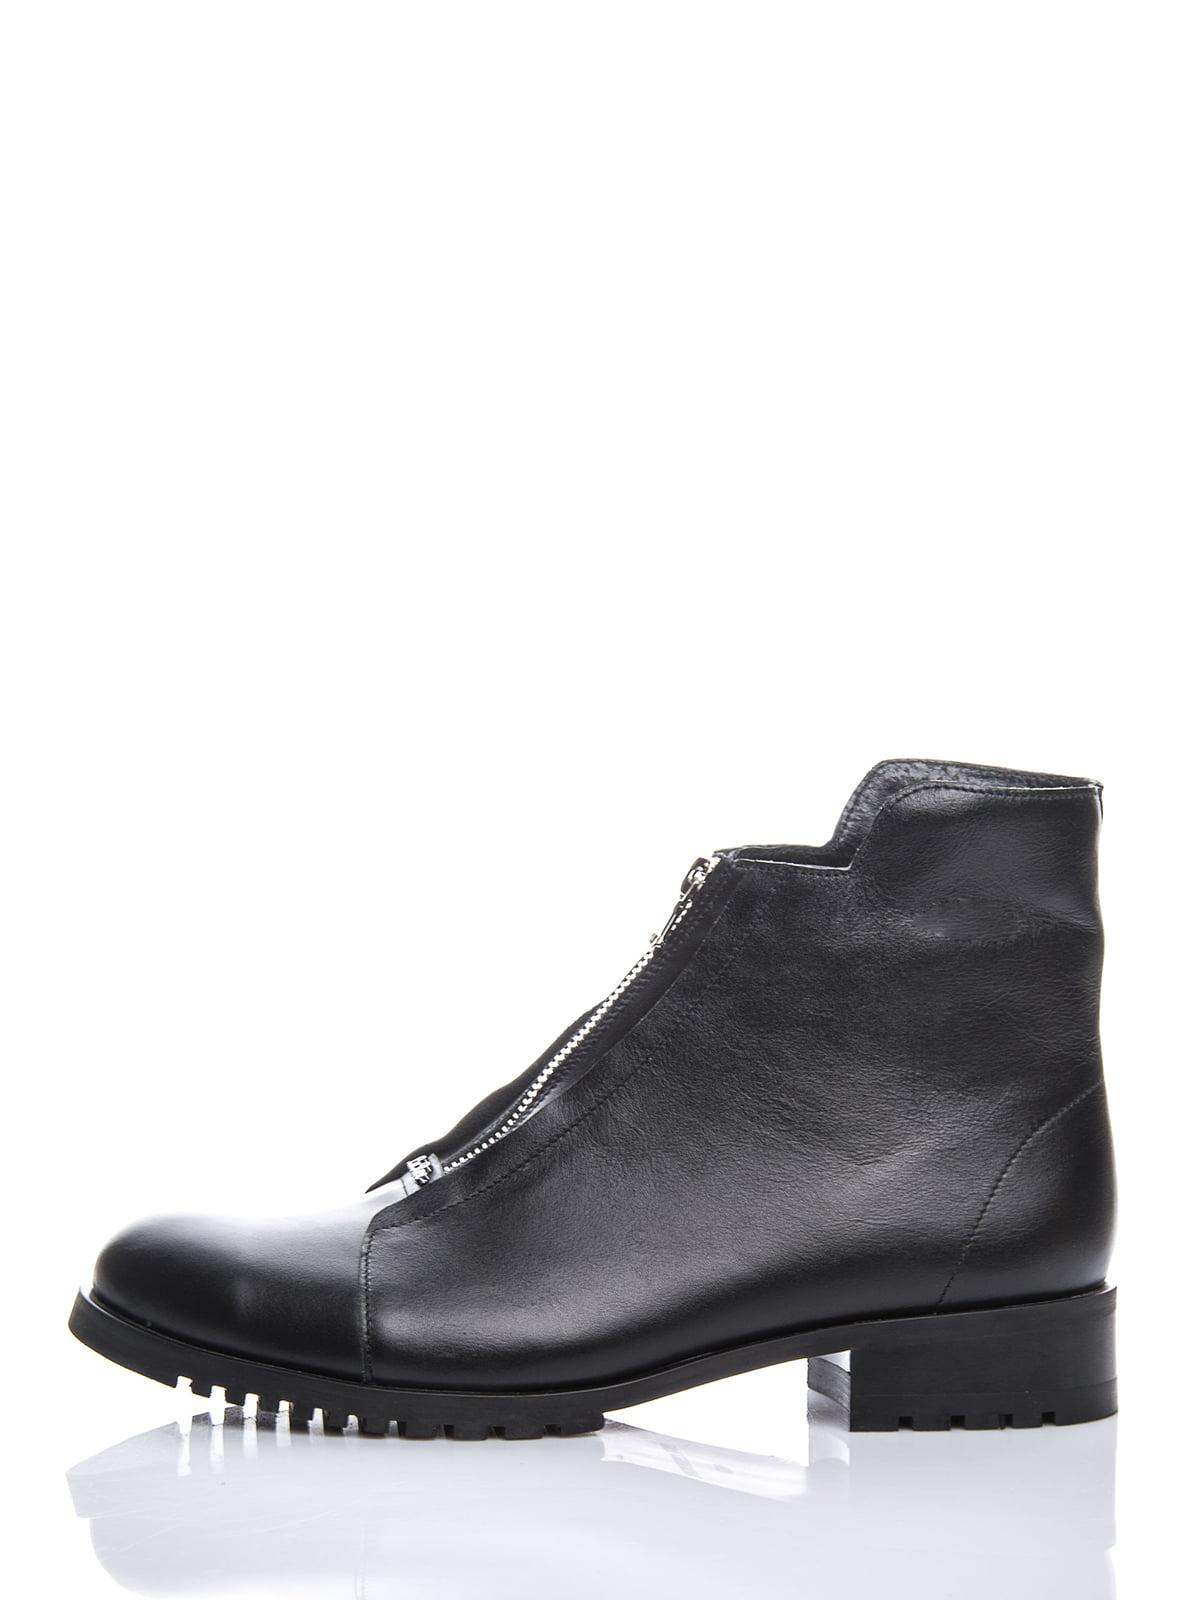 Ботинки черные | 3656801 | фото 3